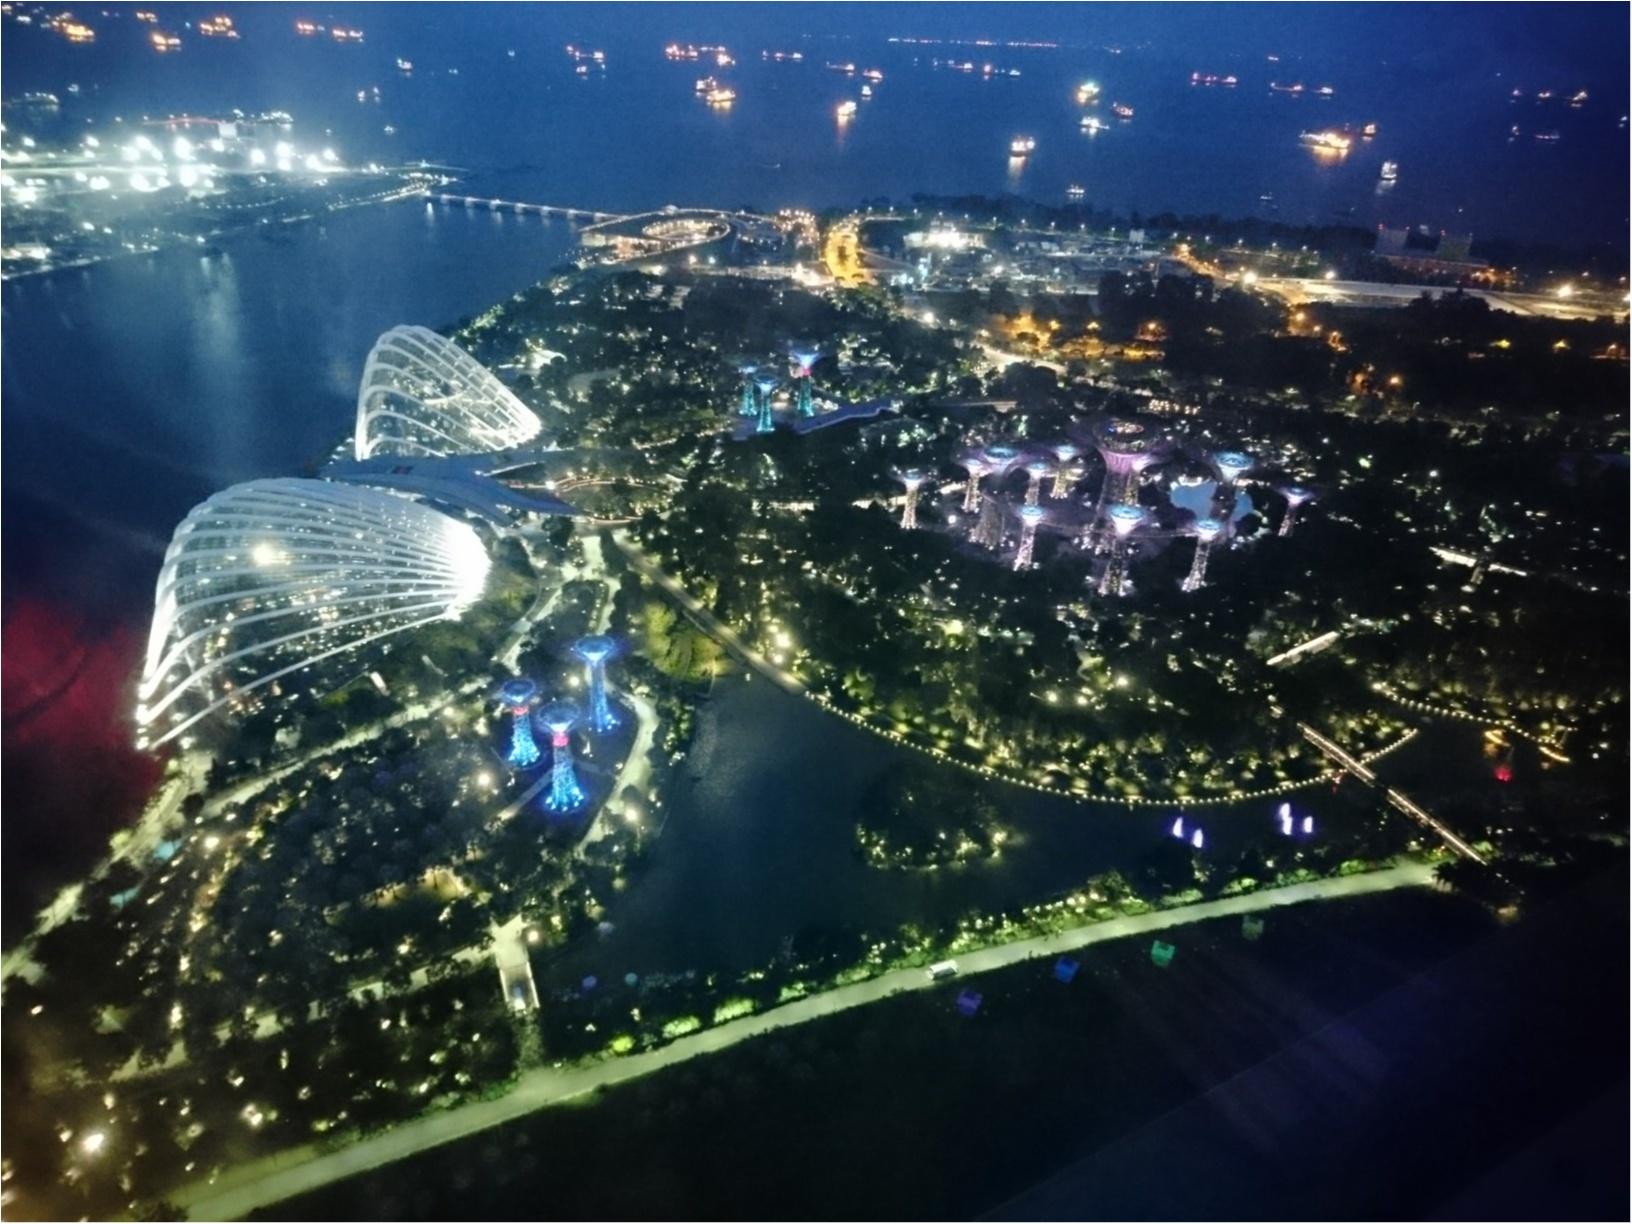 シンガポール女子旅特集 - 人気のマリーナベイ・サンズなどインスタ映えスポット、おいしいグルメがいっぱい♪_53